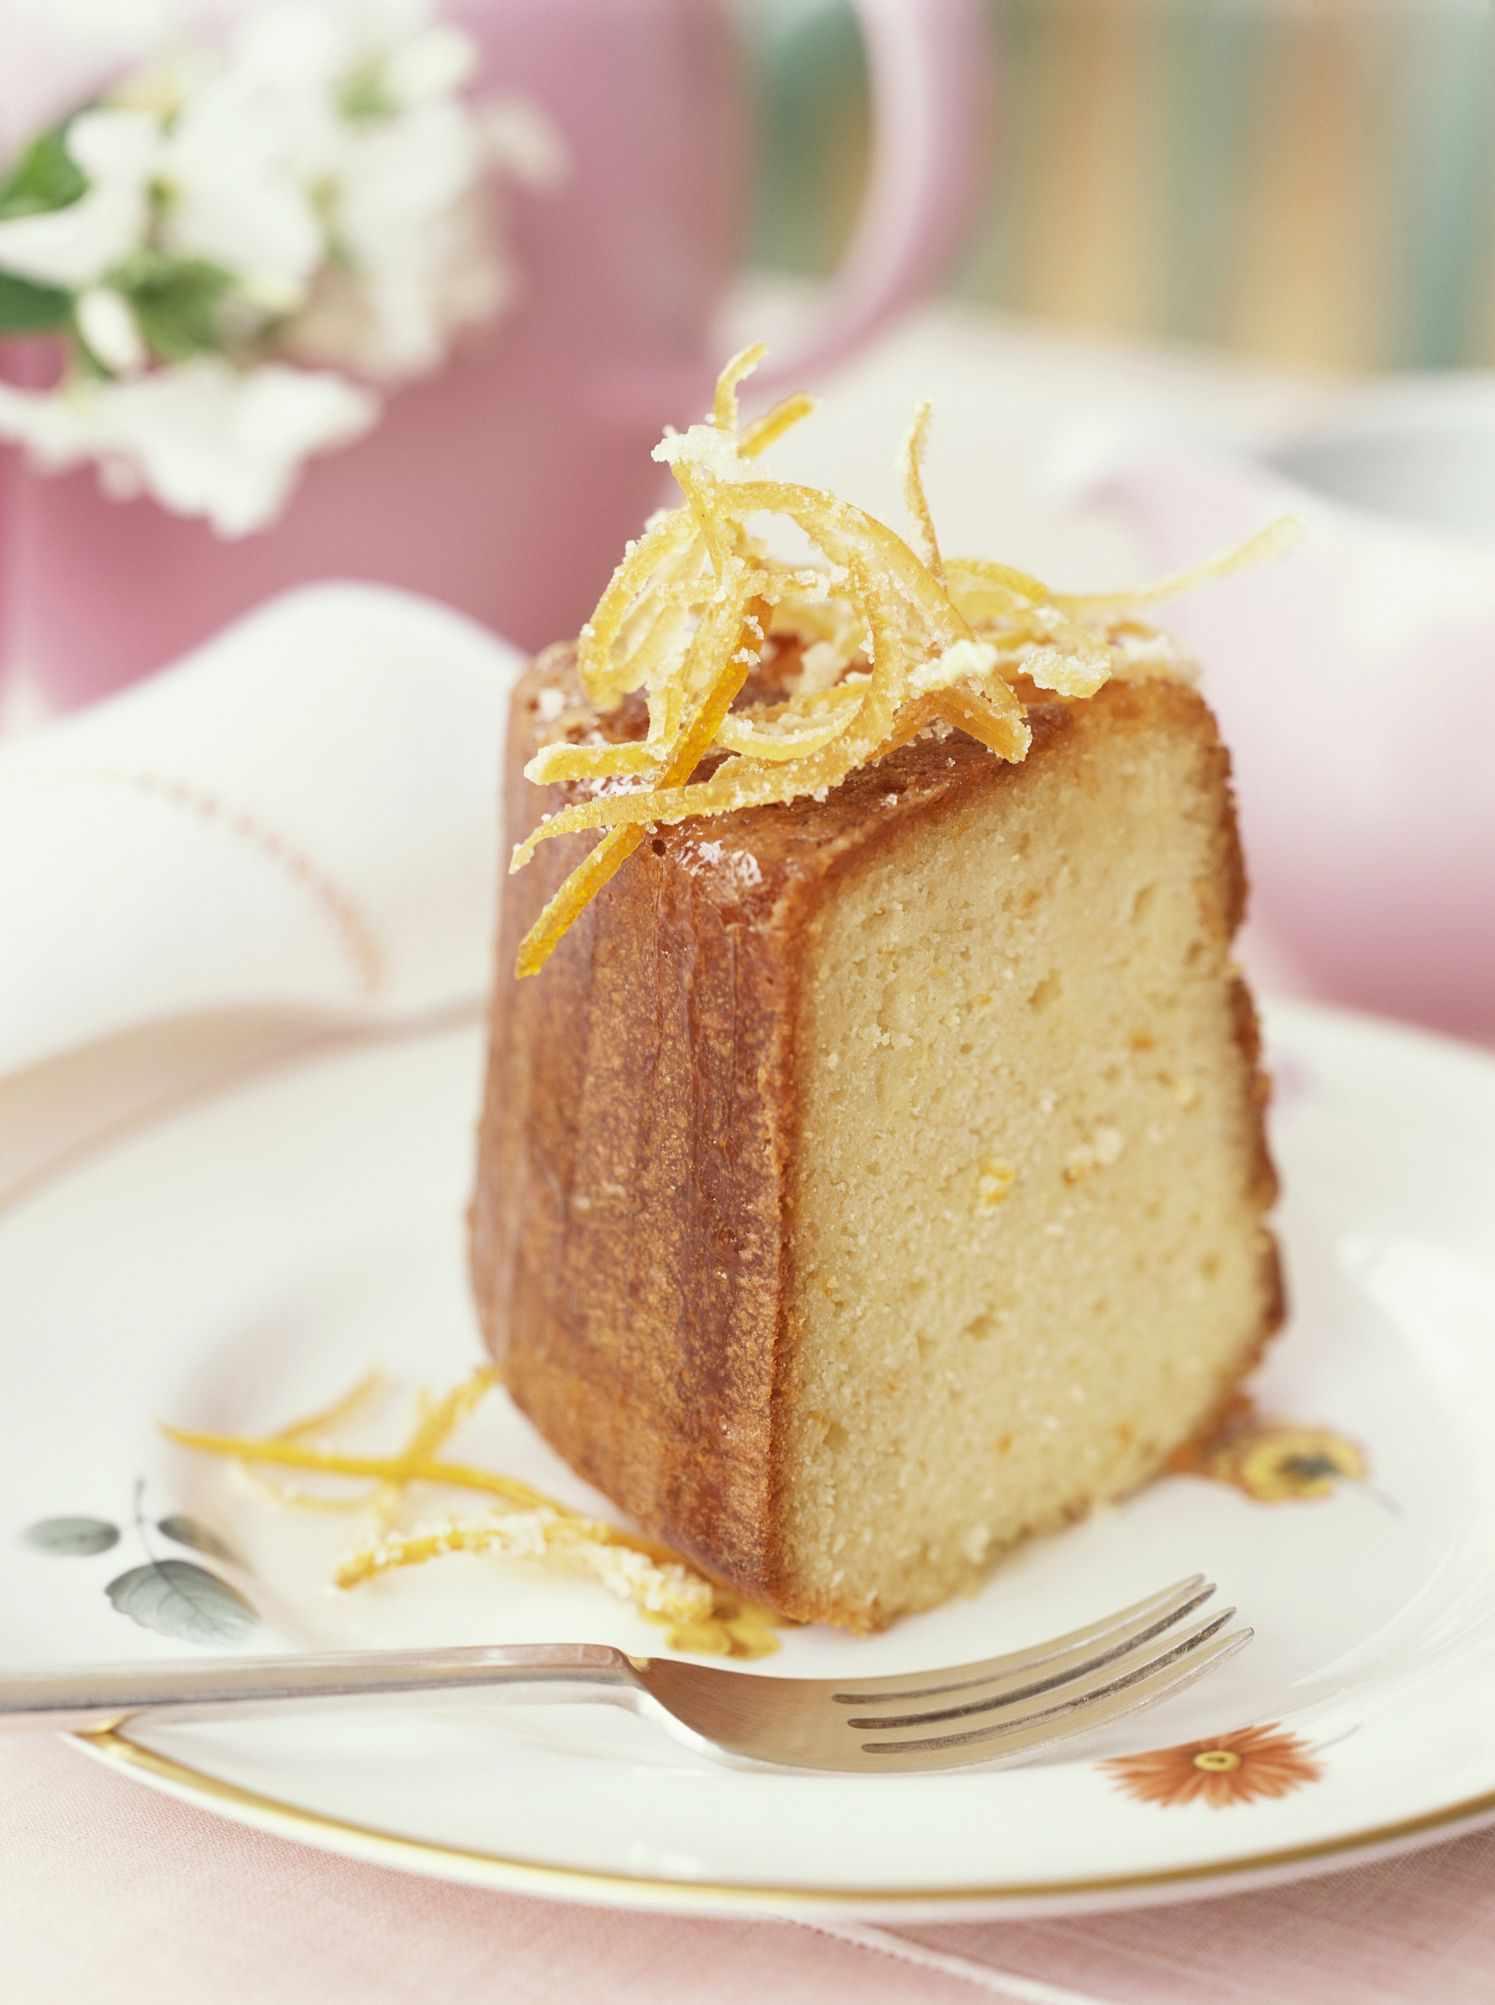 Orange liqueur cake